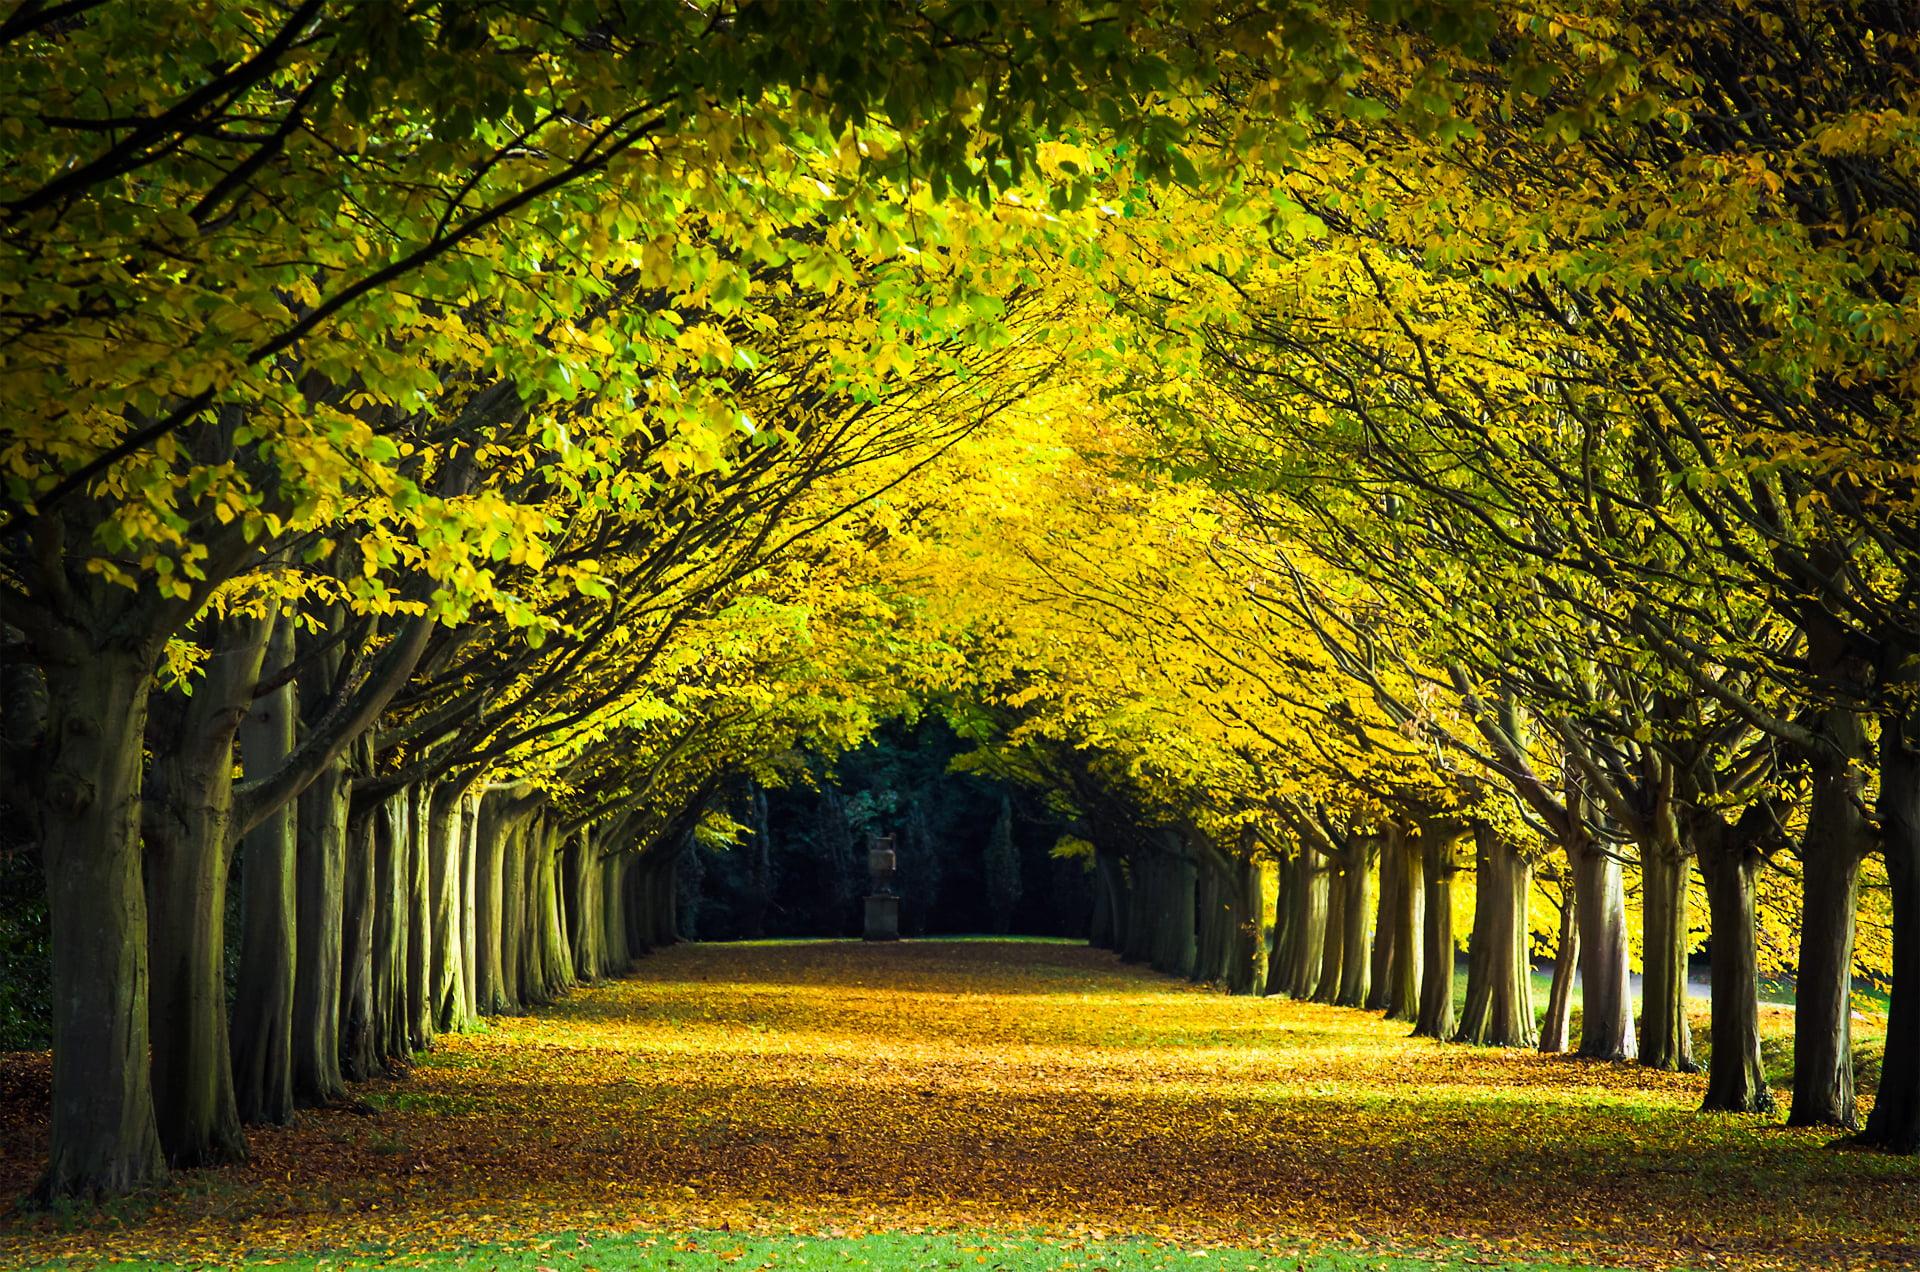 Victoria Falls Hd Wallpaper Landscape Photo Pathway Between Trees Cambridge Hd